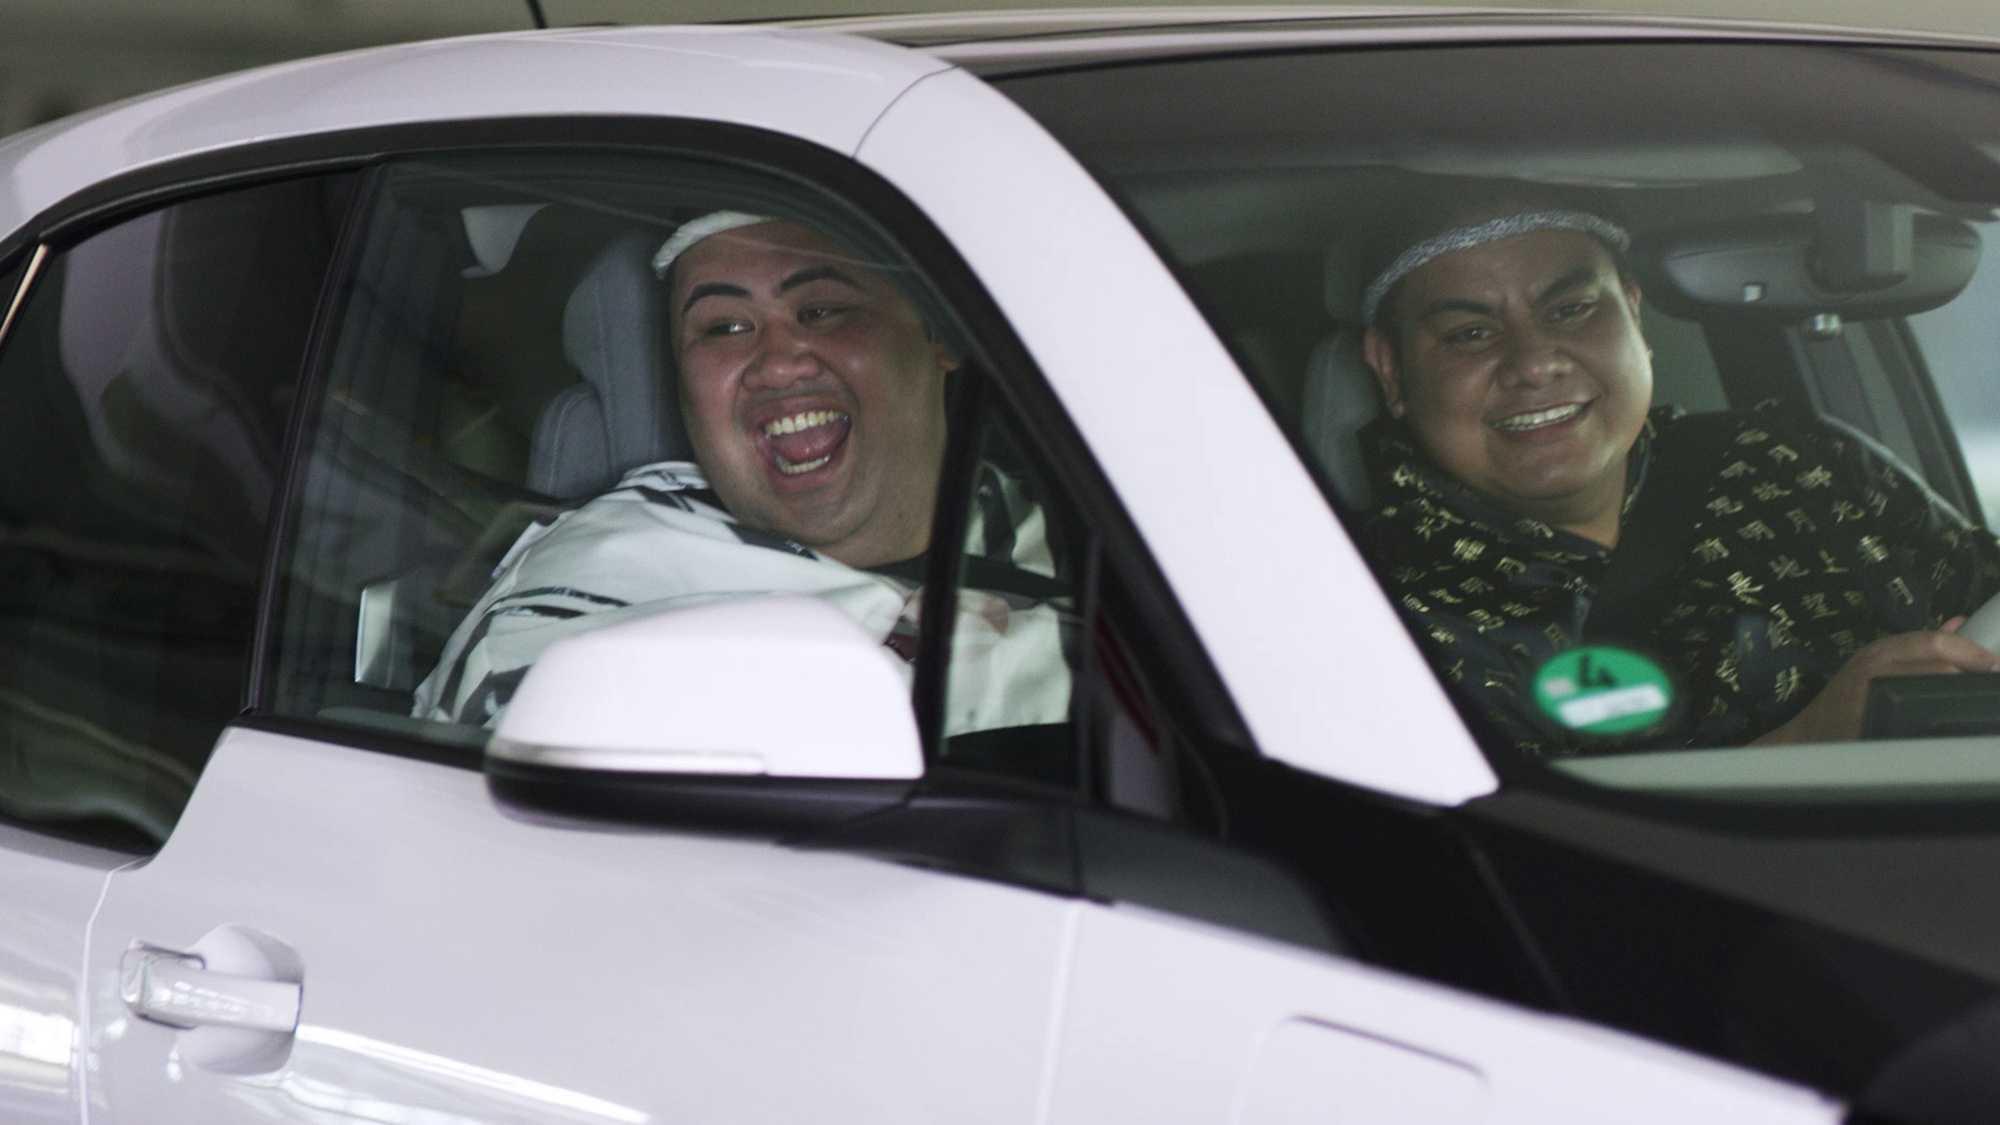 Das Bild zeigt ein Auto. In diesem sitzen zwei Sumos. Der Sumo, der auf der Beifahrerseite sitzt, schaut aus dem Fenster und lacht dabei. Das Bild dient als Sliderbild für den Portfolioeintrag BMW Connected Drive Sumos von Panda Pictures.